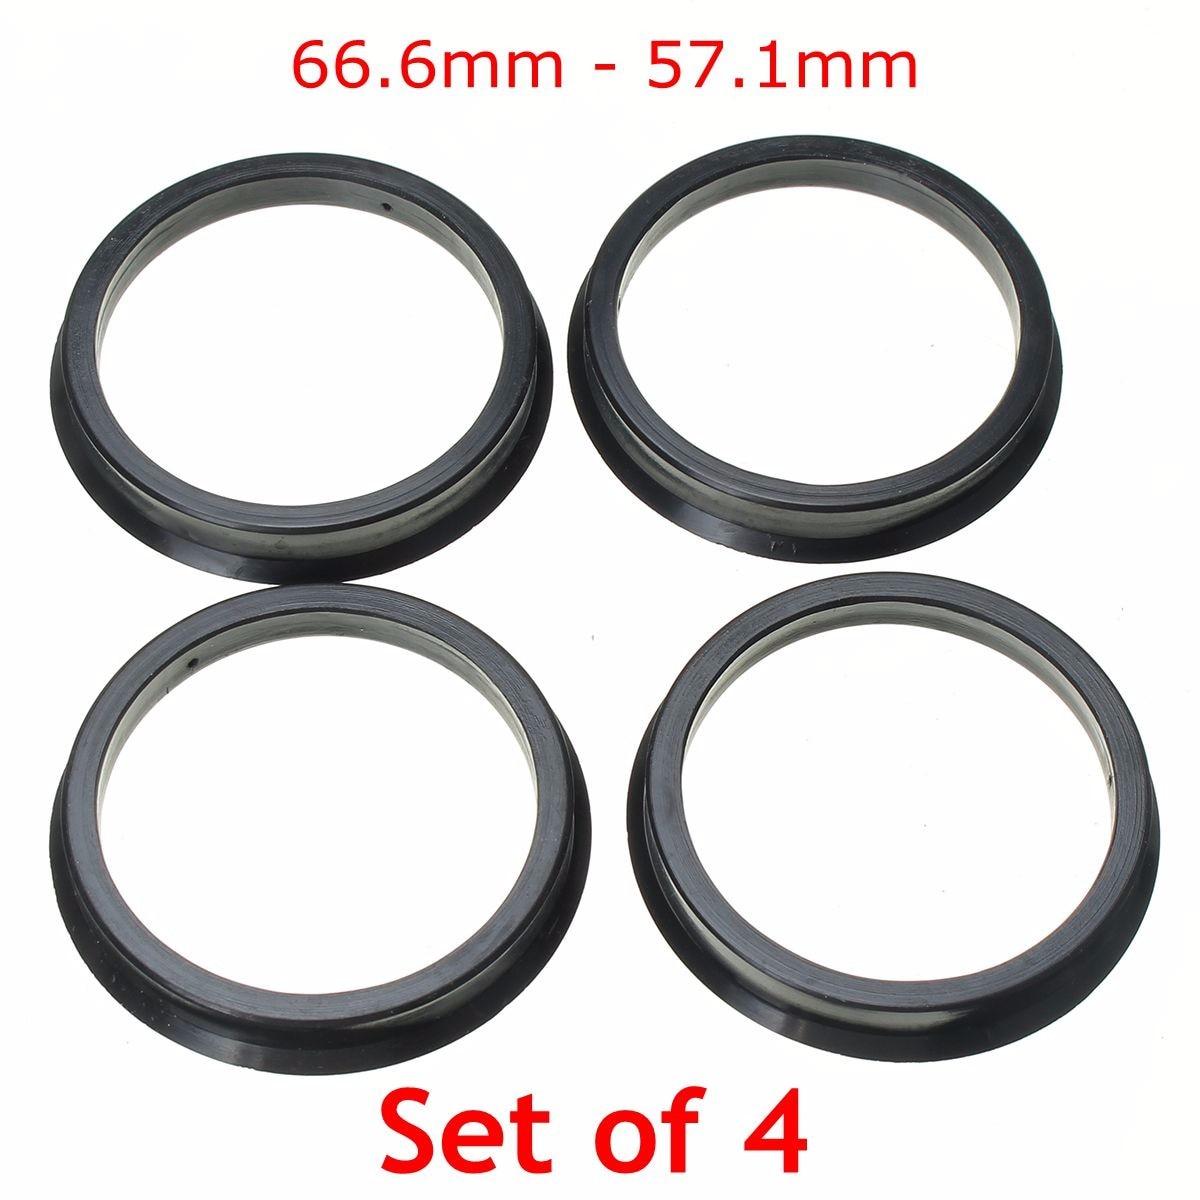 1 Juego de 4 Hub anillos céntricos de rueda de coche aburrido Centro Collar de 66,6-57,1mm para AUDI de plástico negro